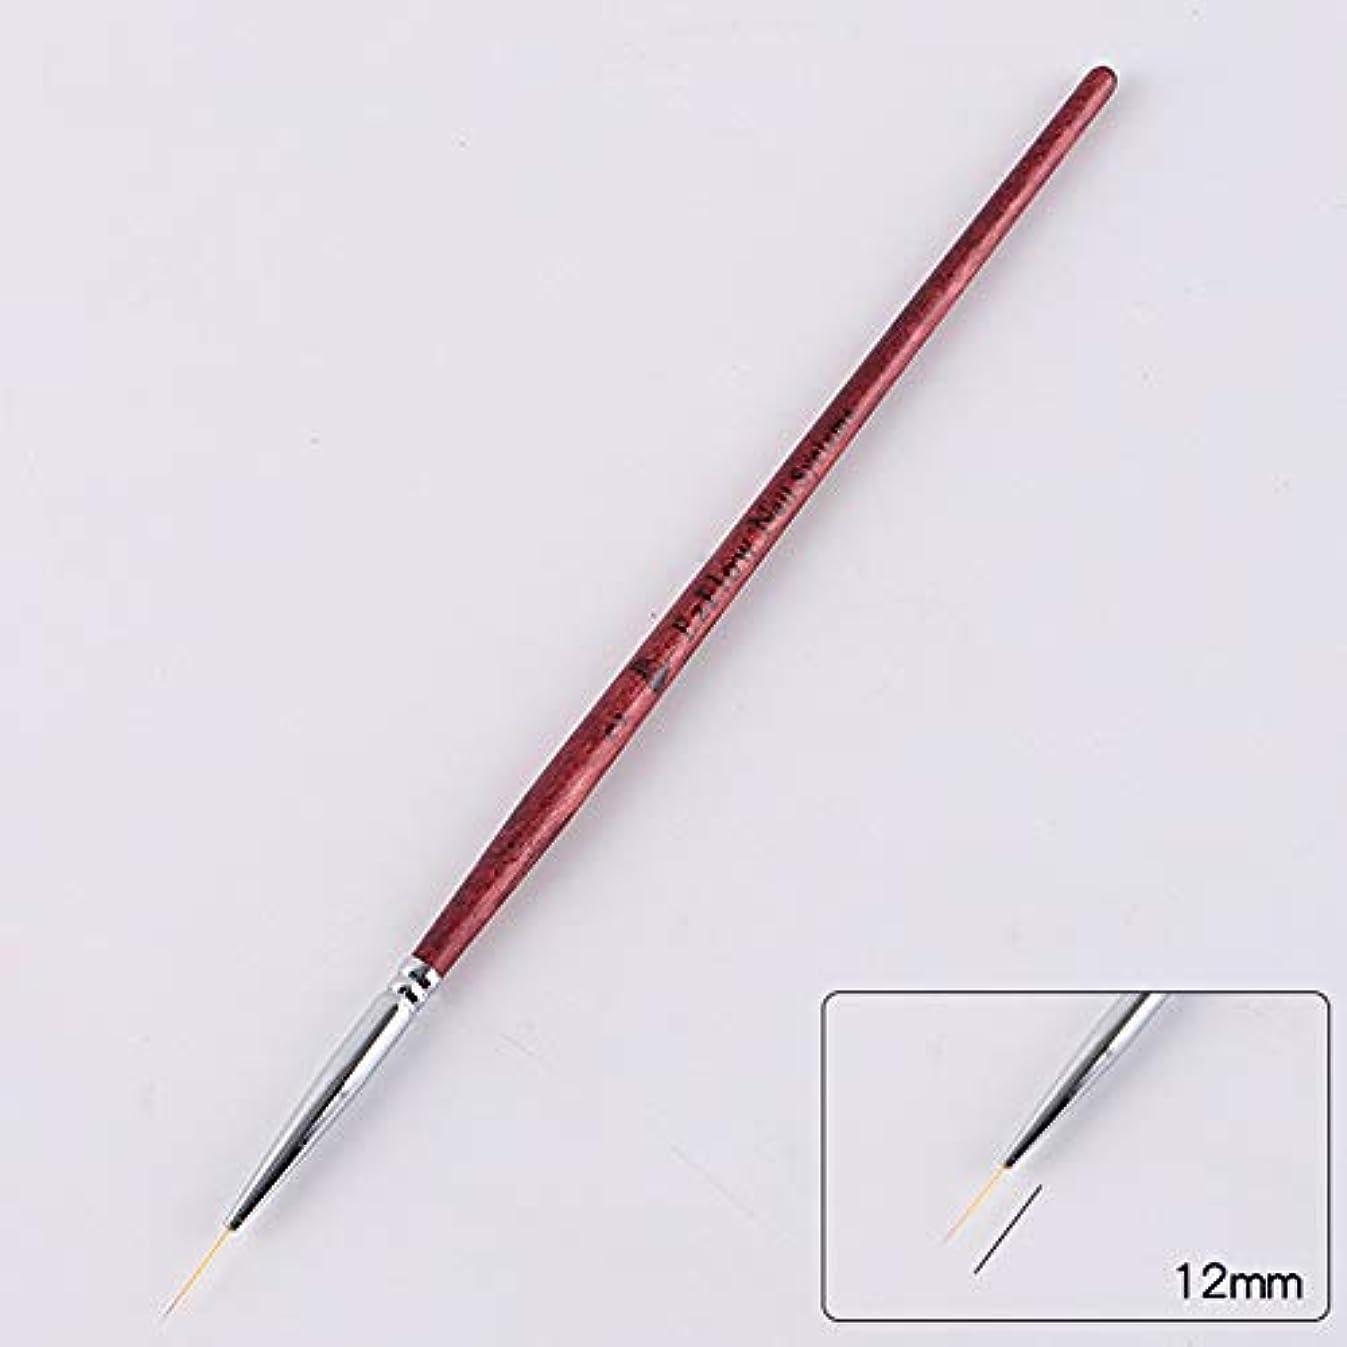 ルー実験的生ACHICOO ネイルブラシ ネイルアートライナー ブラシペン DIY ネイルアート ドットツール ネイルアートペン用 初心者   2#1.2cm